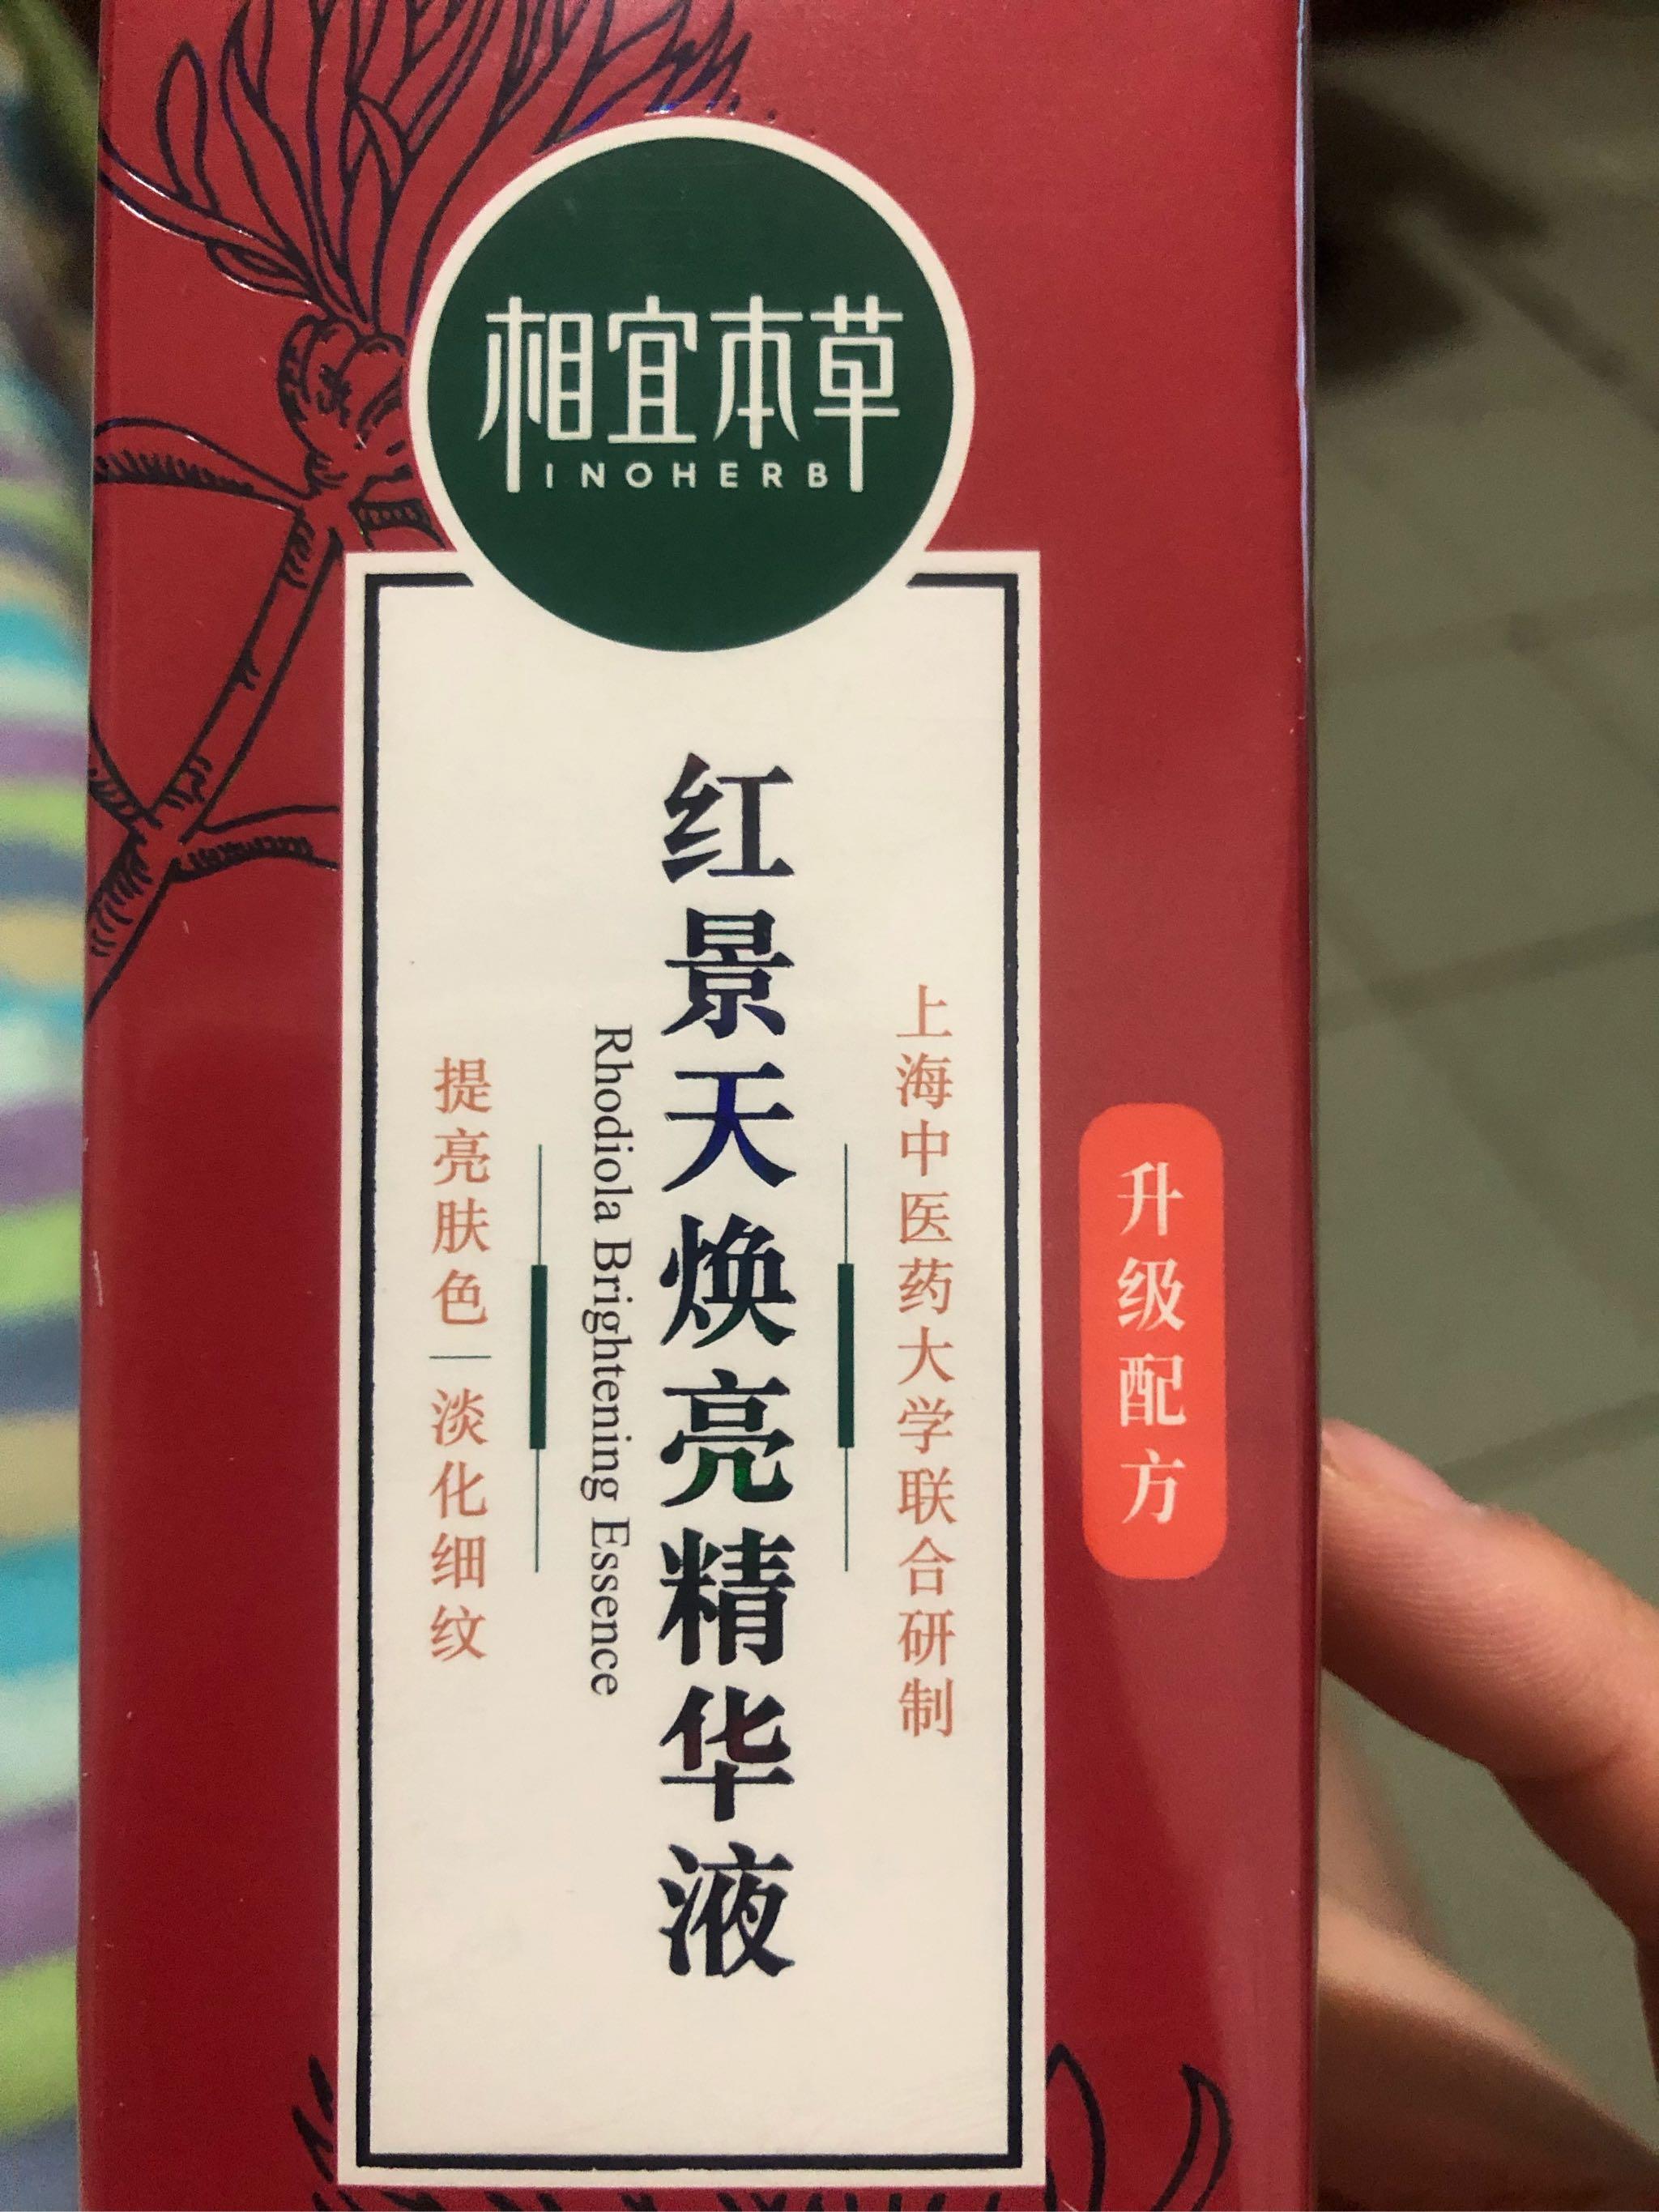 相宜本草免费试用小红瓶精华液